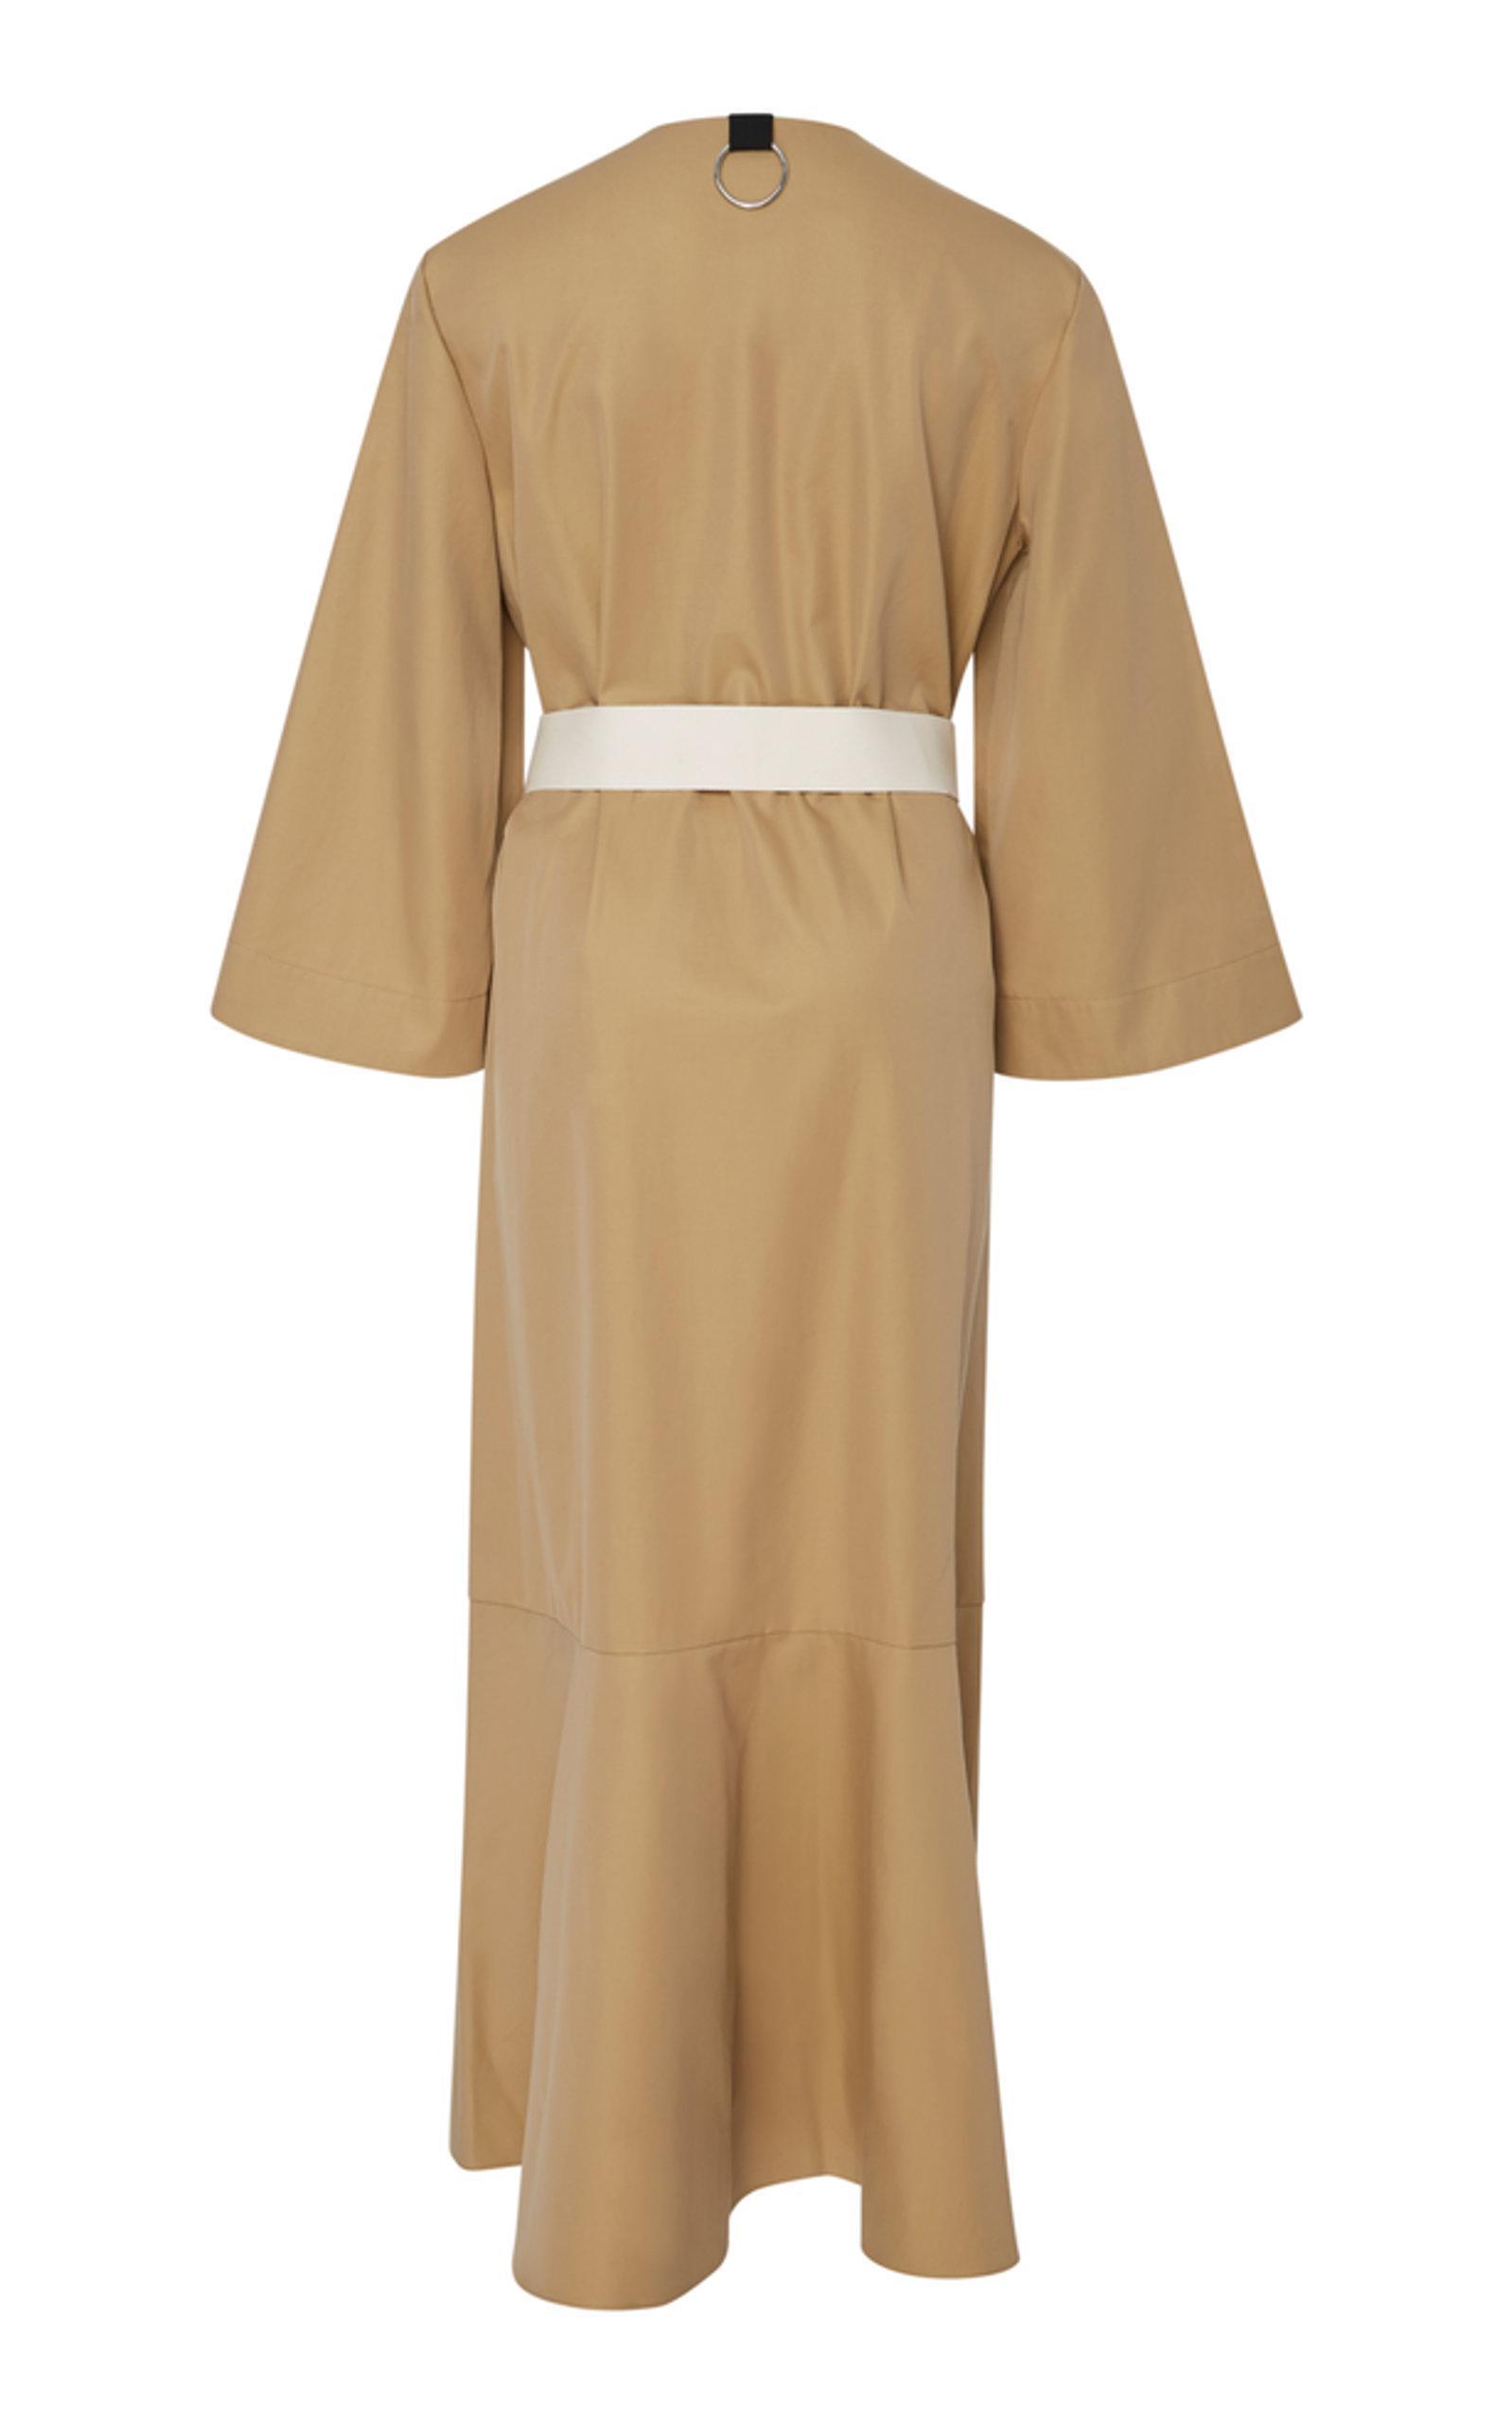 229fa719d96 Tibi - Natural Finn Trench Dress - Lyst. View fullscreen